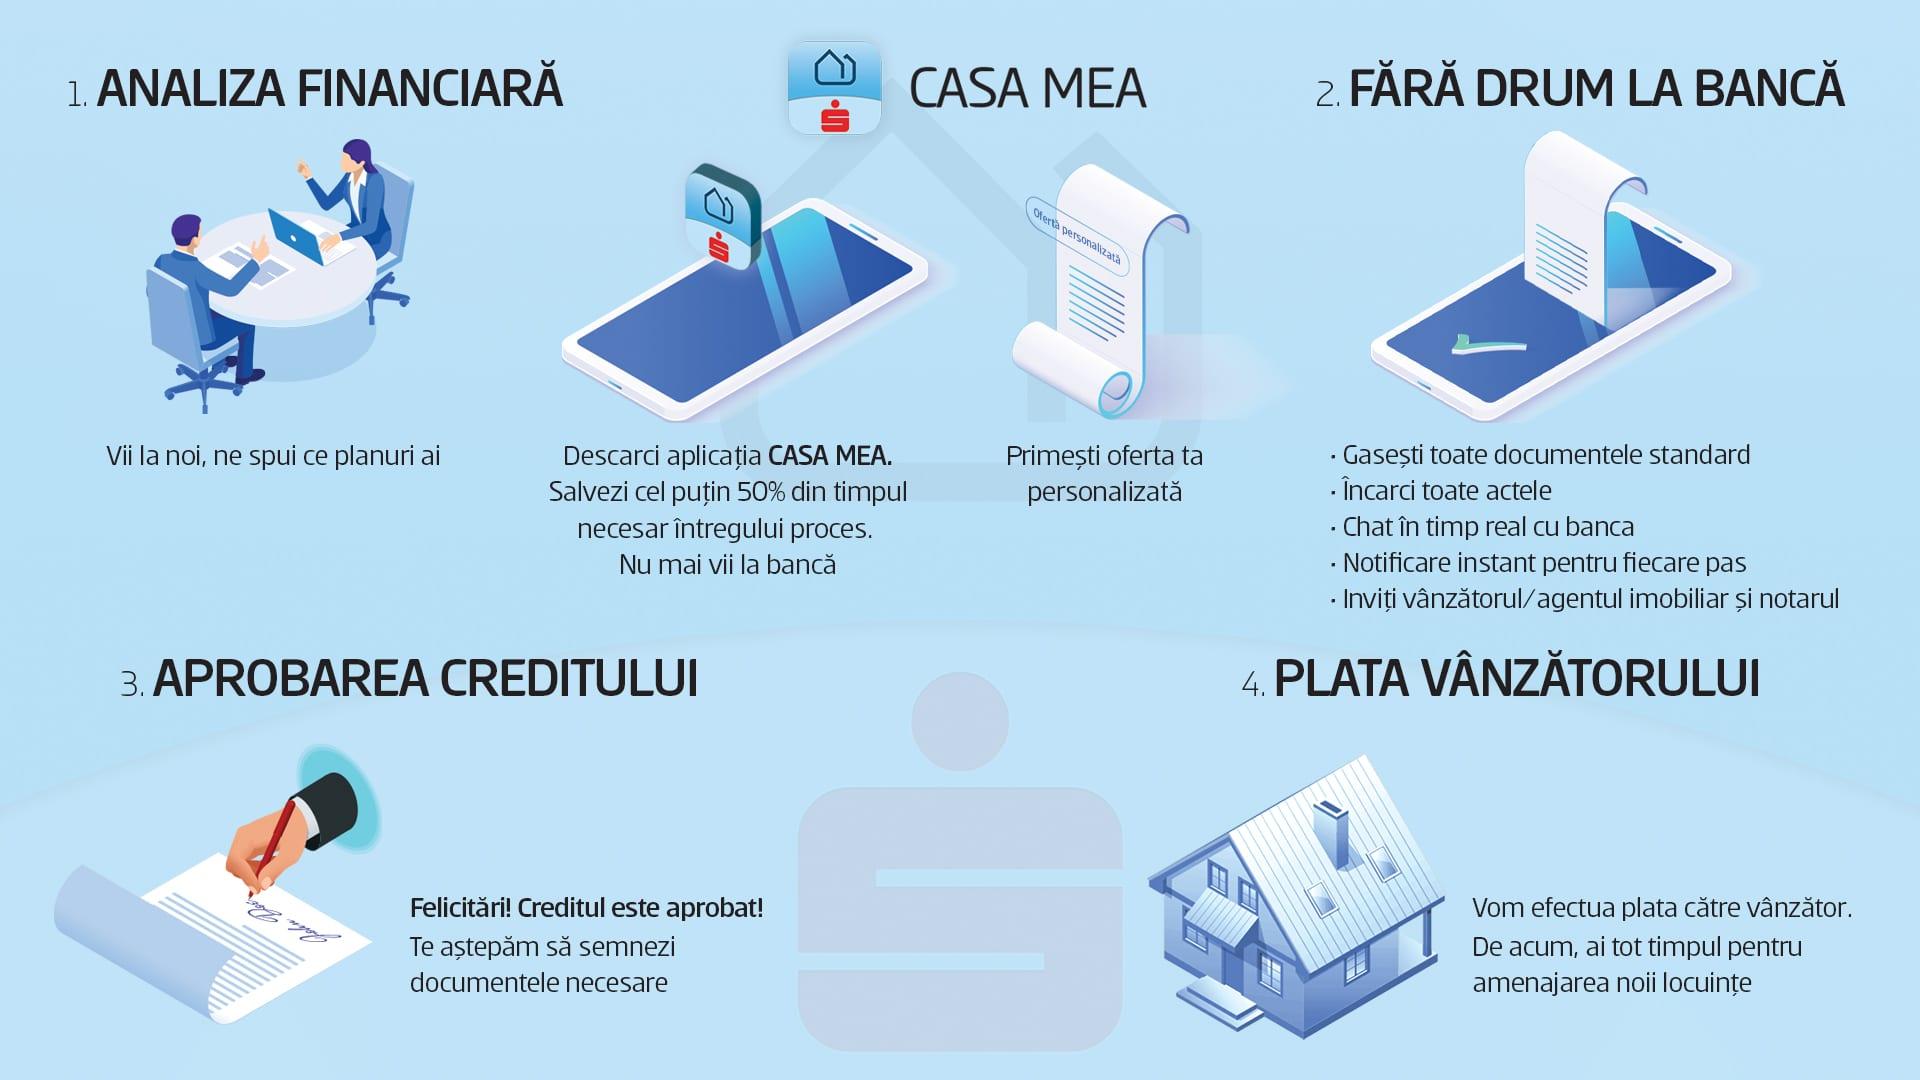 Casa Mea - BCR lansează o platforma digitală pentru credite ipotecare